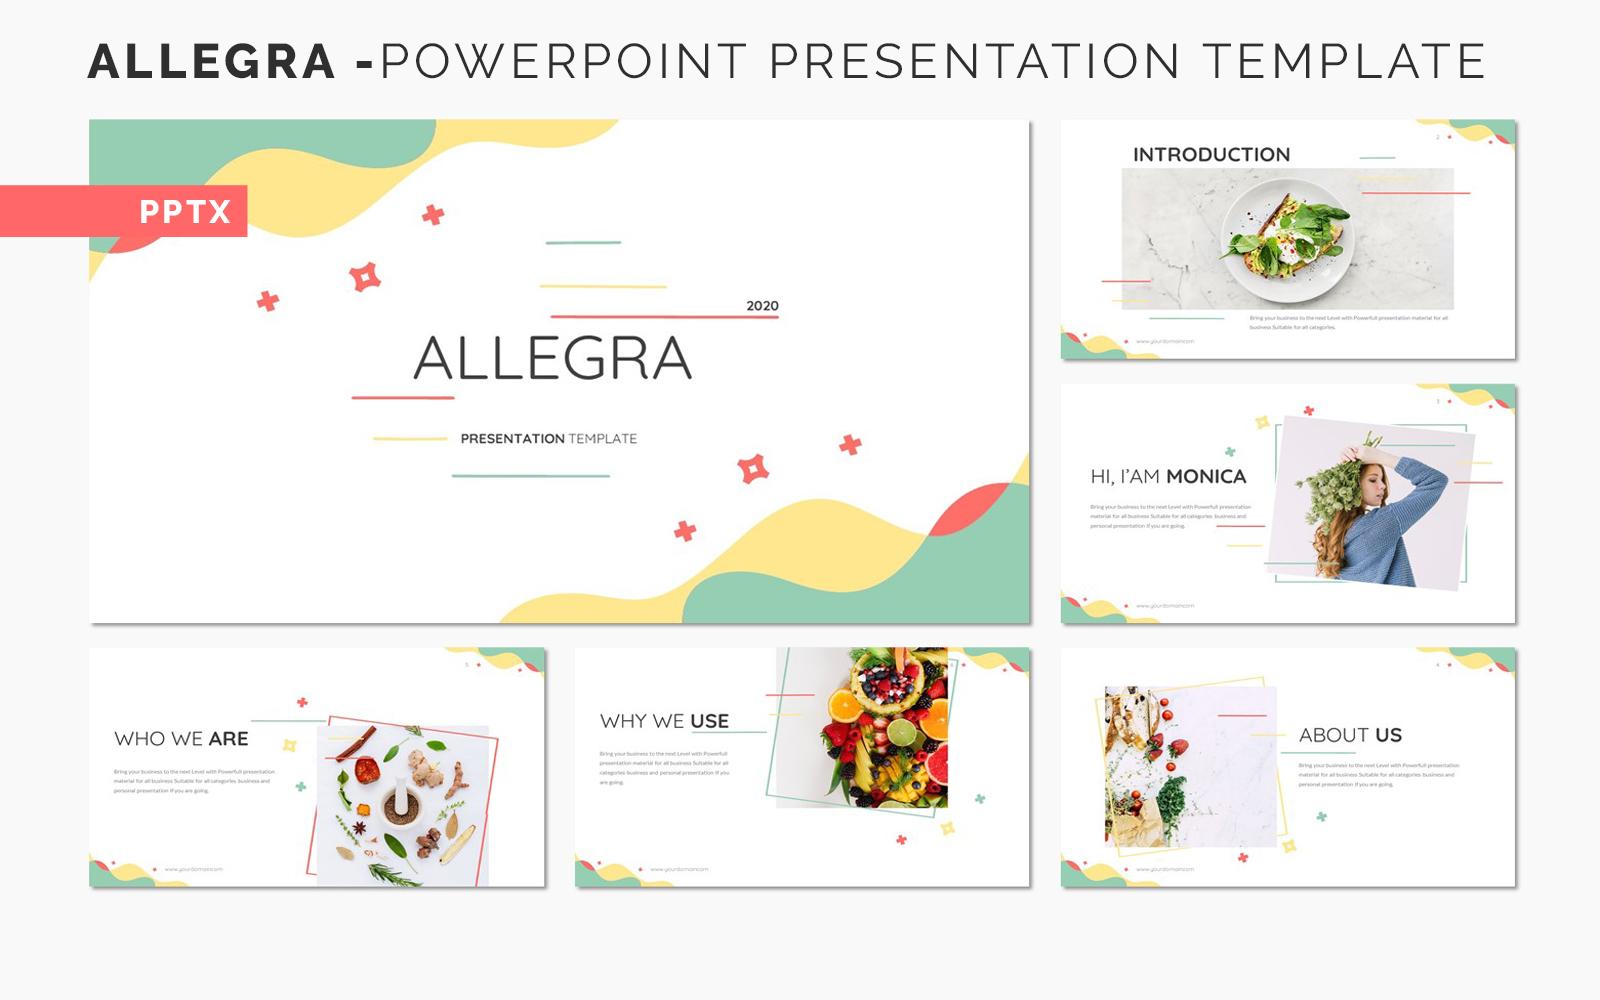 ALLEGRA - Powerpoint Presentation Template